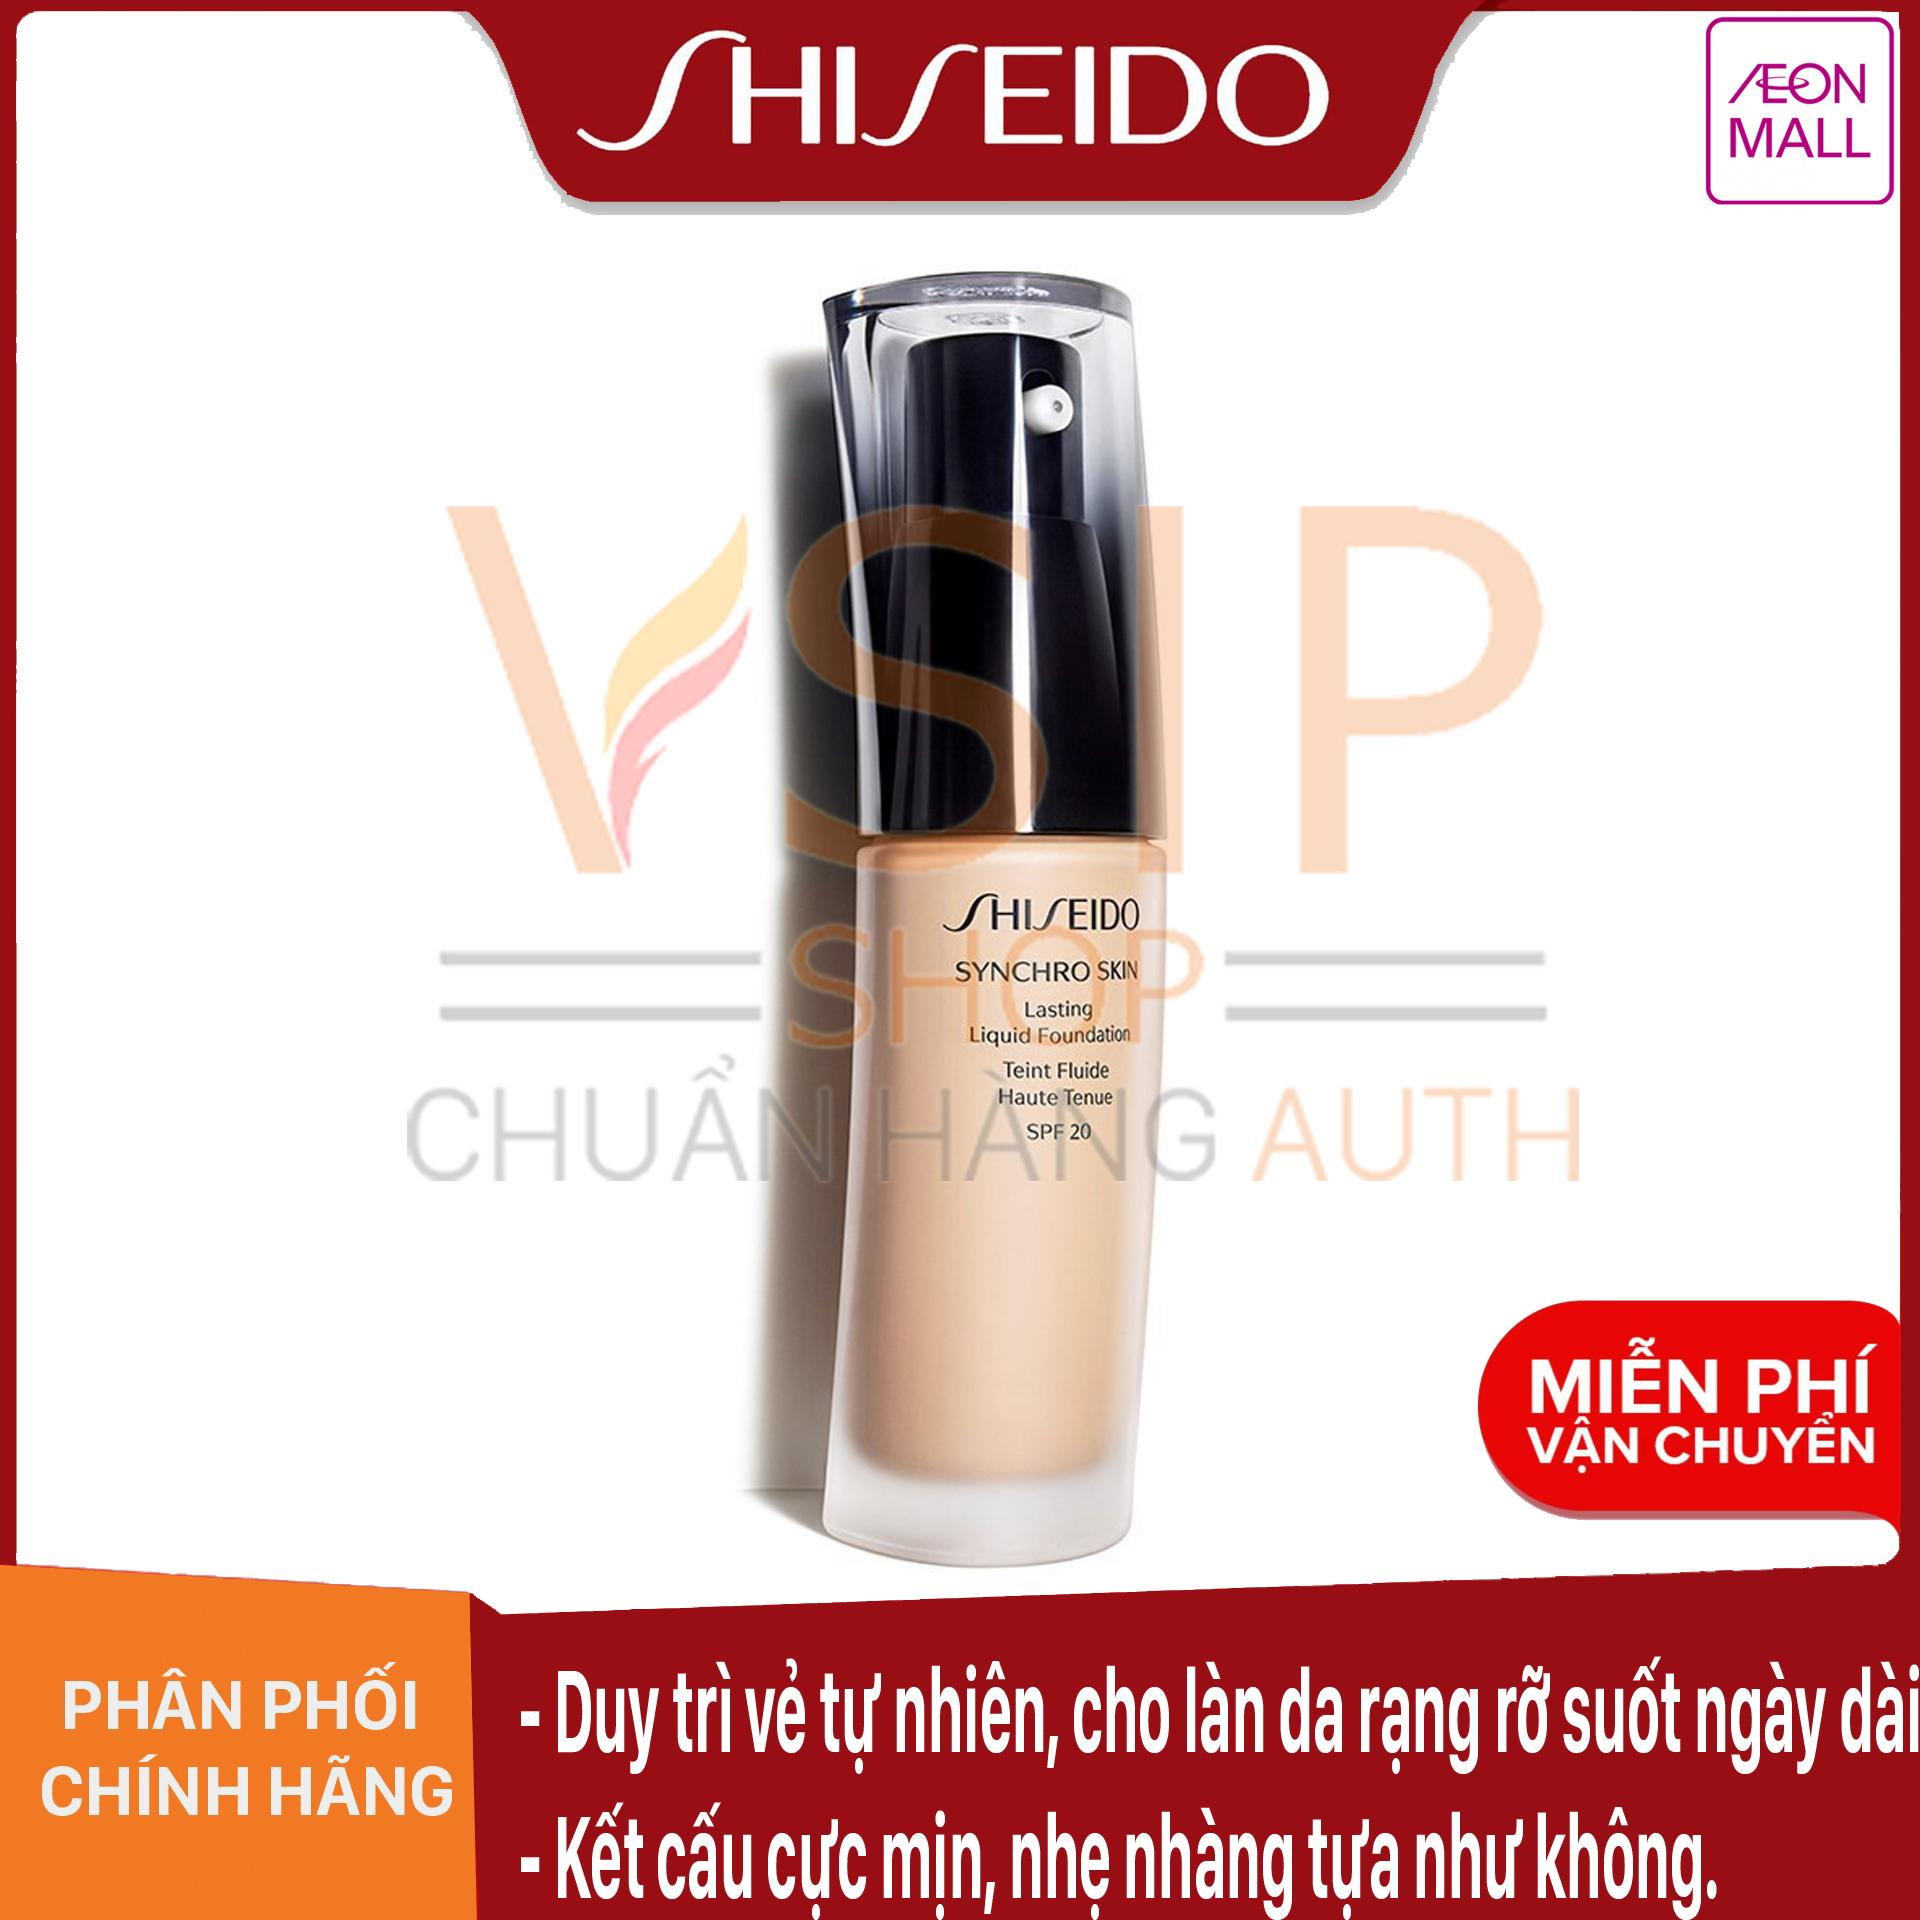 Voucher Khuyến Mãi Phấn Nền Thông Minh Shiseido Synchro Skin Lasting Liquid Foundation SPF 20 30ml